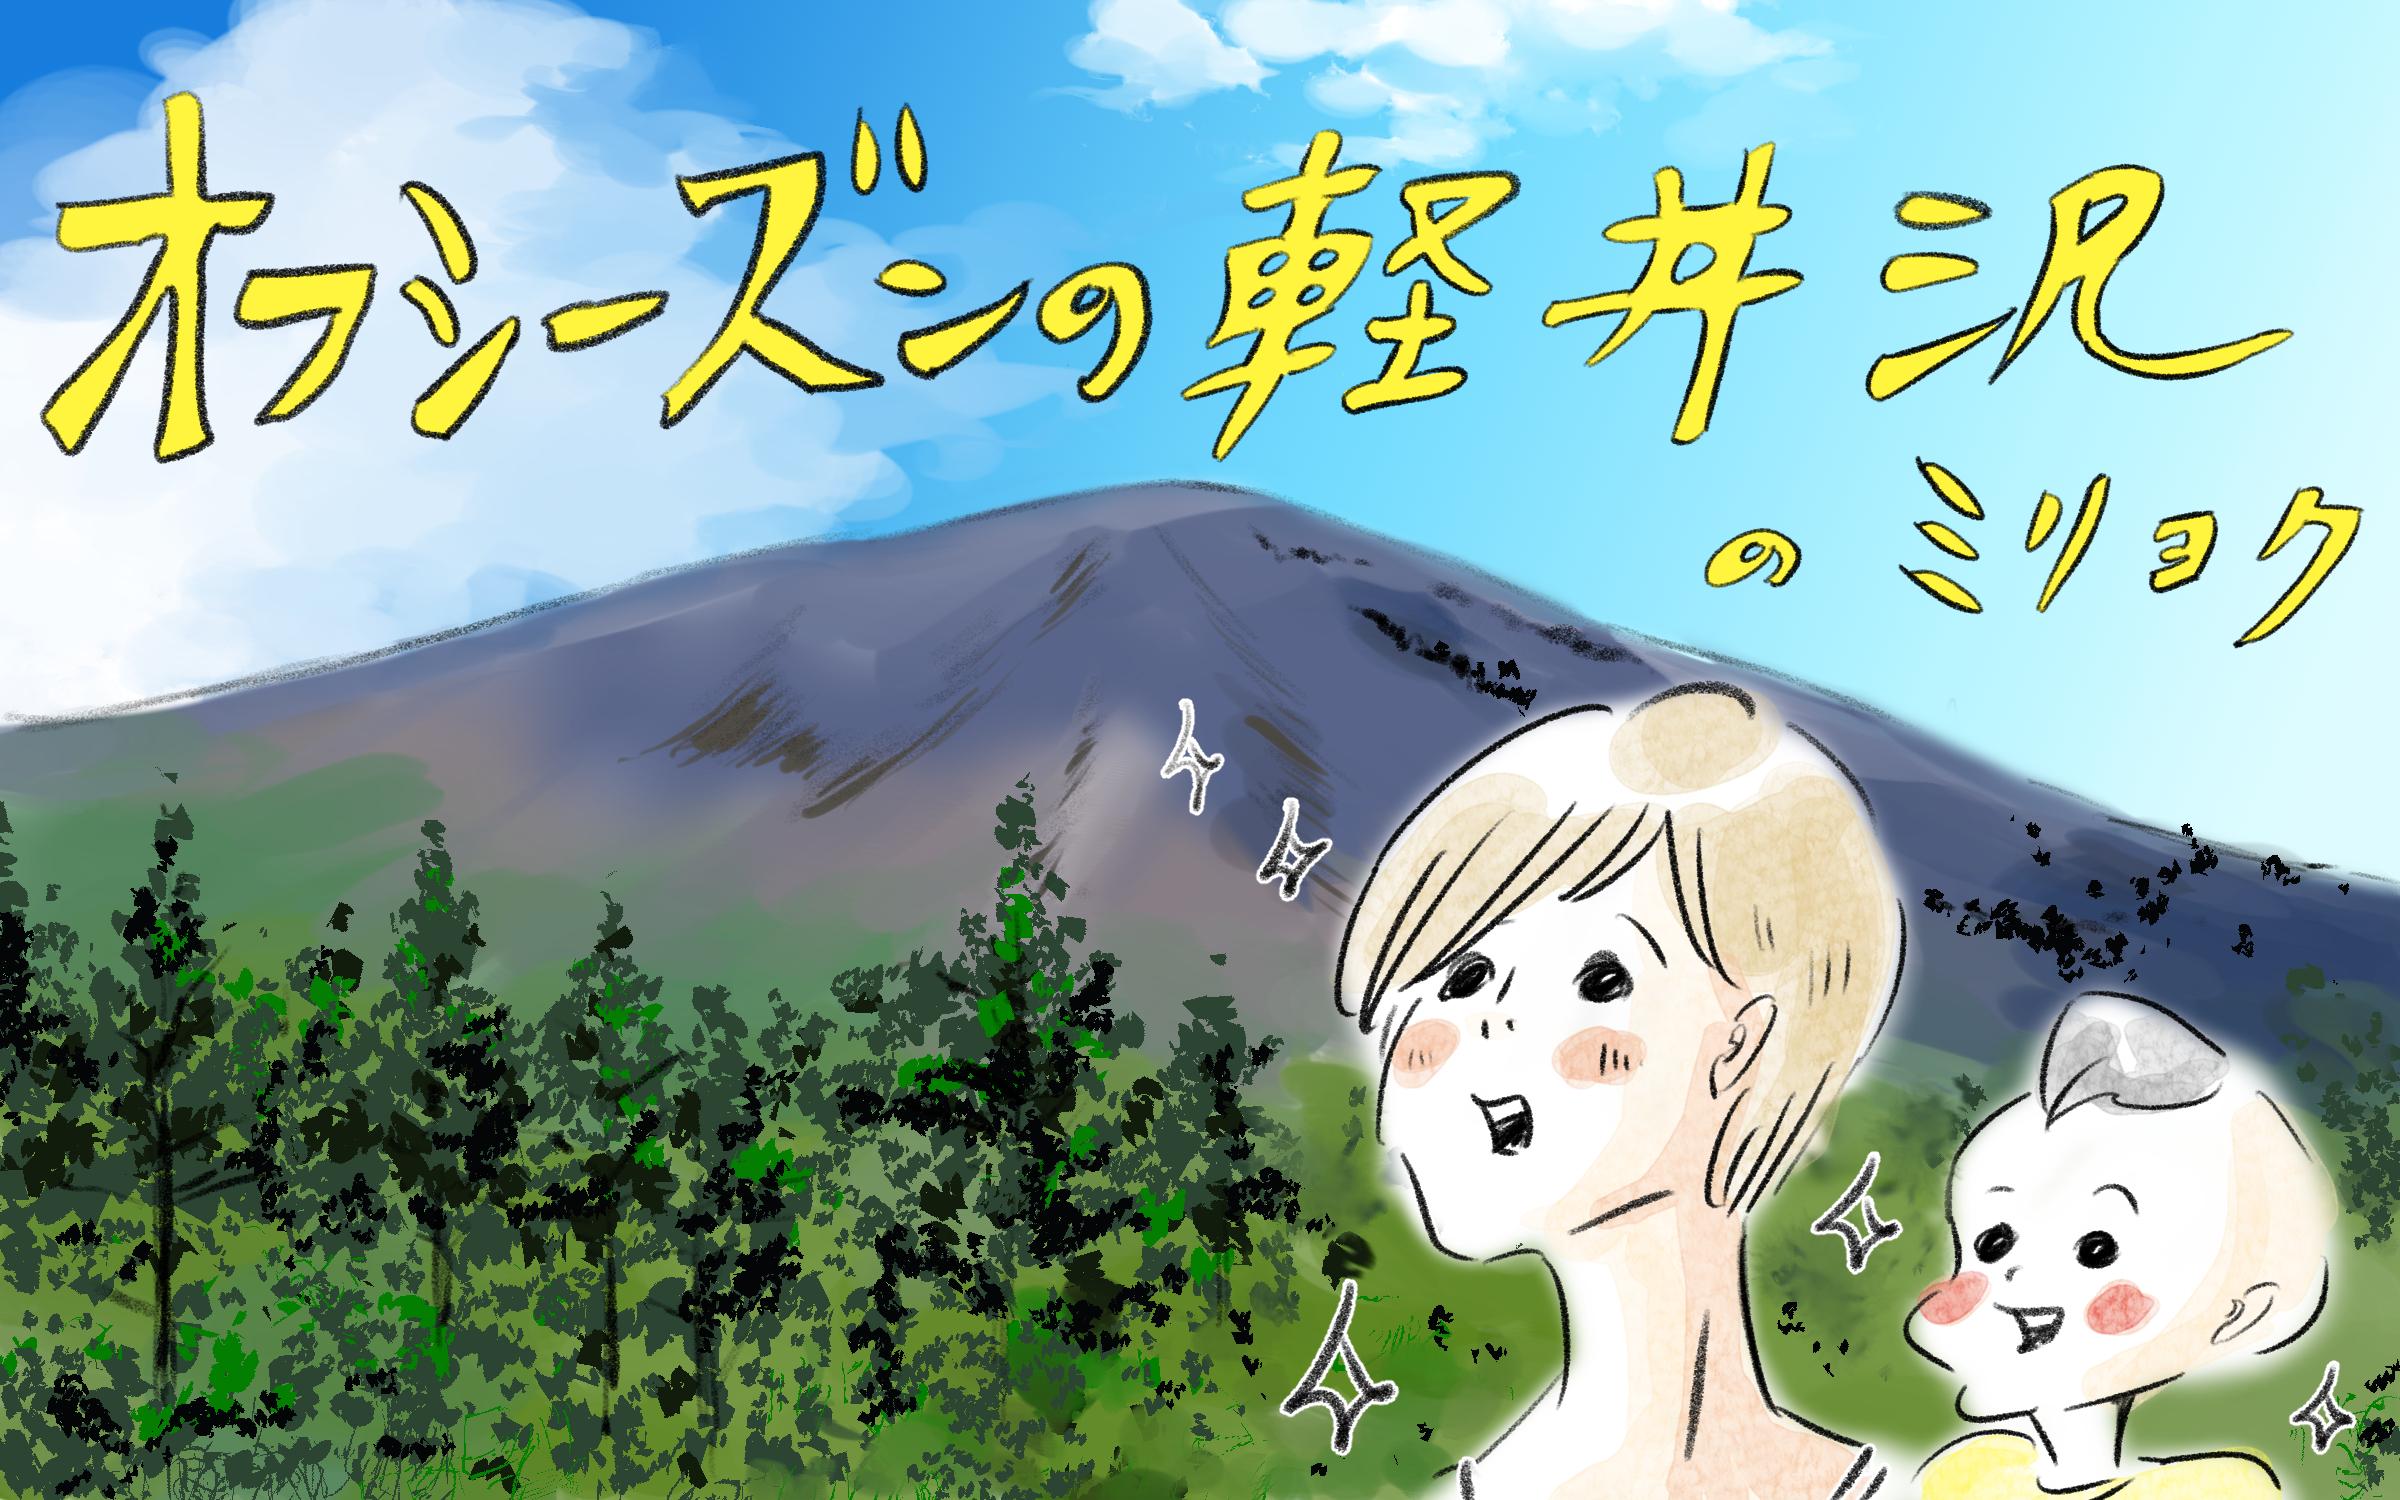 オフシーズンの軽井沢へ子連れ旅! 1日め:プライベート露天風呂がやっぱり最高